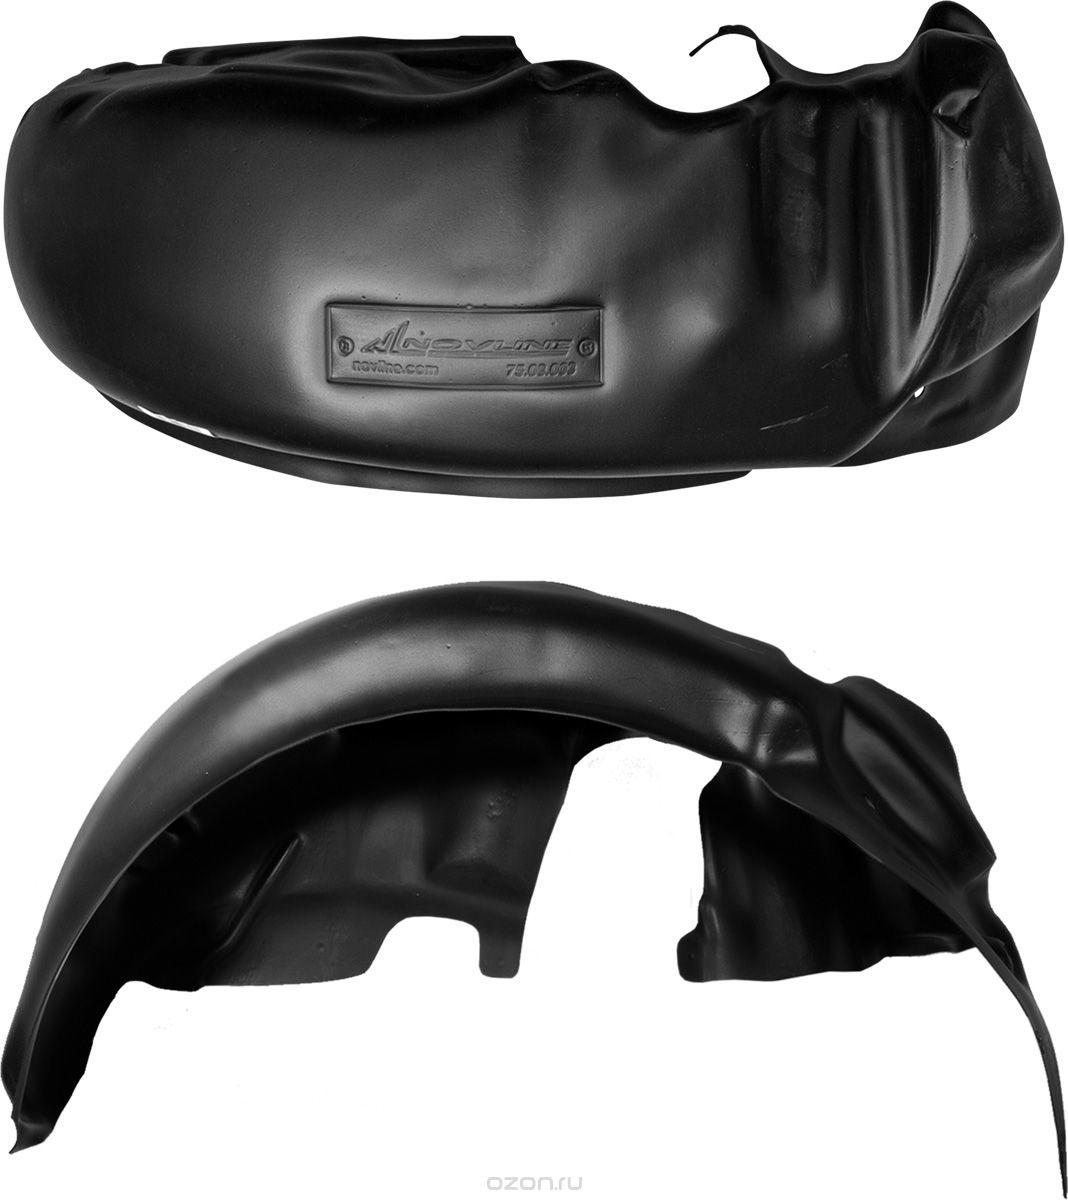 Подкрылок Novline-Autofamily, для TOYOTA Yaris 01/2006-2013, передний правыйMW-3101Идеальная защита колесной ниши. Локеры разработаны с применением цифровых технологий, гарантируют максимальную повторяемость поверхности арки. Изделия устанавливаются без нарушения лакокрасочного покрытия автомобиля, каждый подкрылок комплектуется крепежом. Уважаемые клиенты, обращаем ваше внимание, что фотографии на подкрылки универсальные и не отражают реальную форму изделия. При этом само изделие идет точно под размер указанного автомобиля.